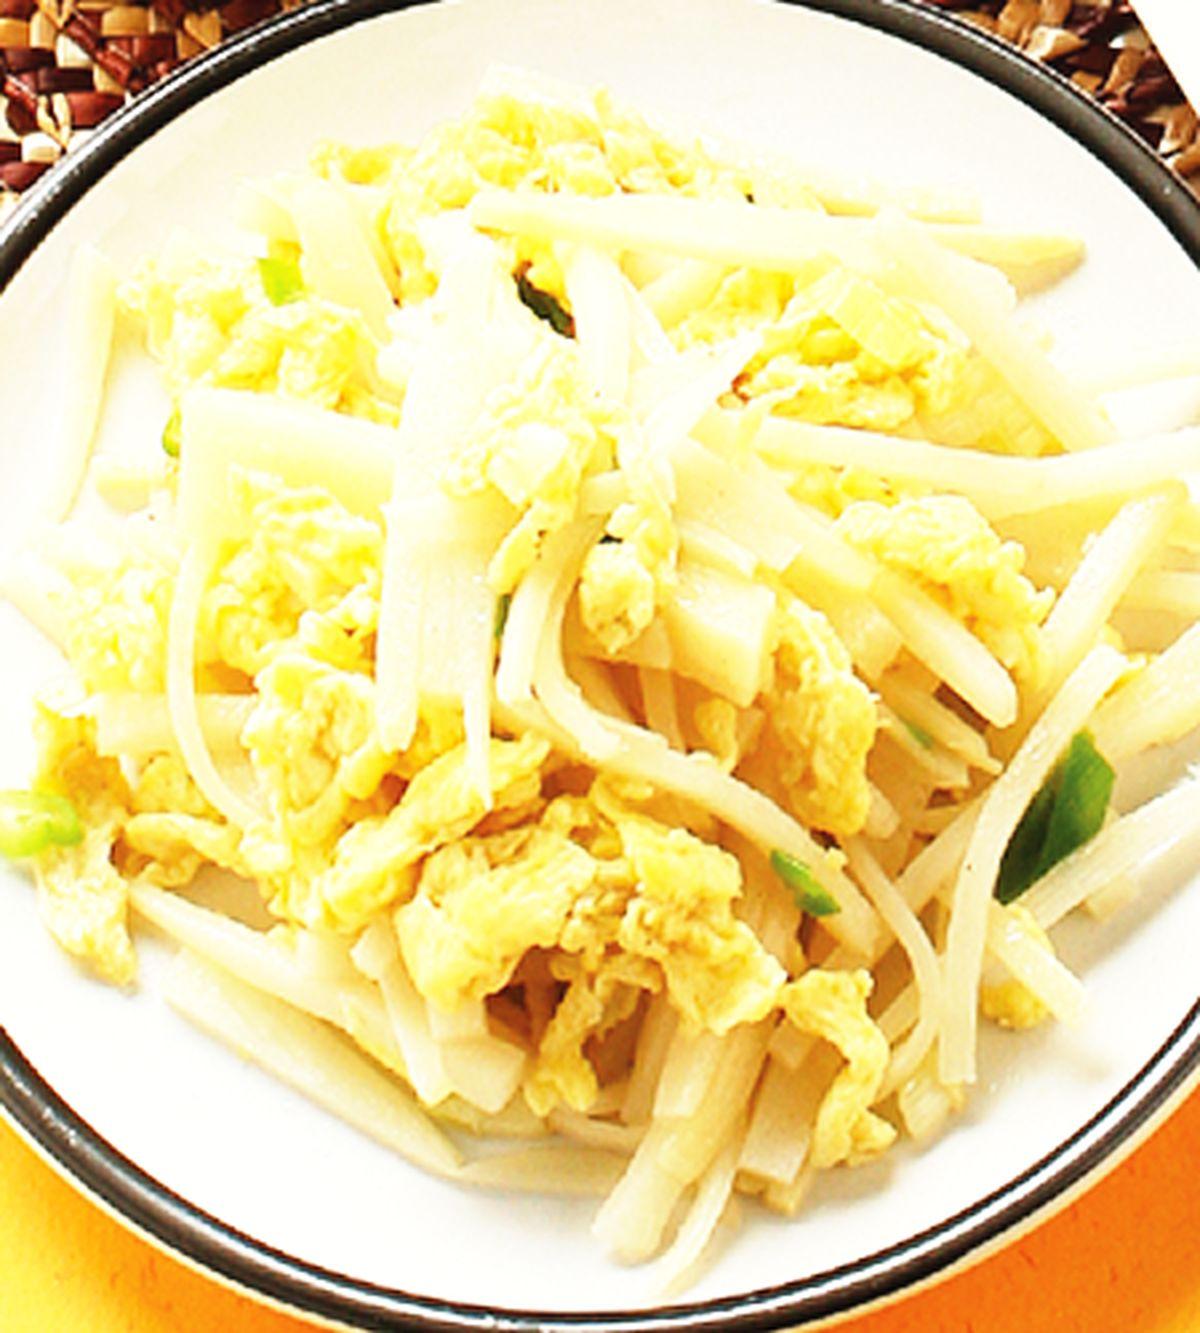 食譜:竹筍炒蛋